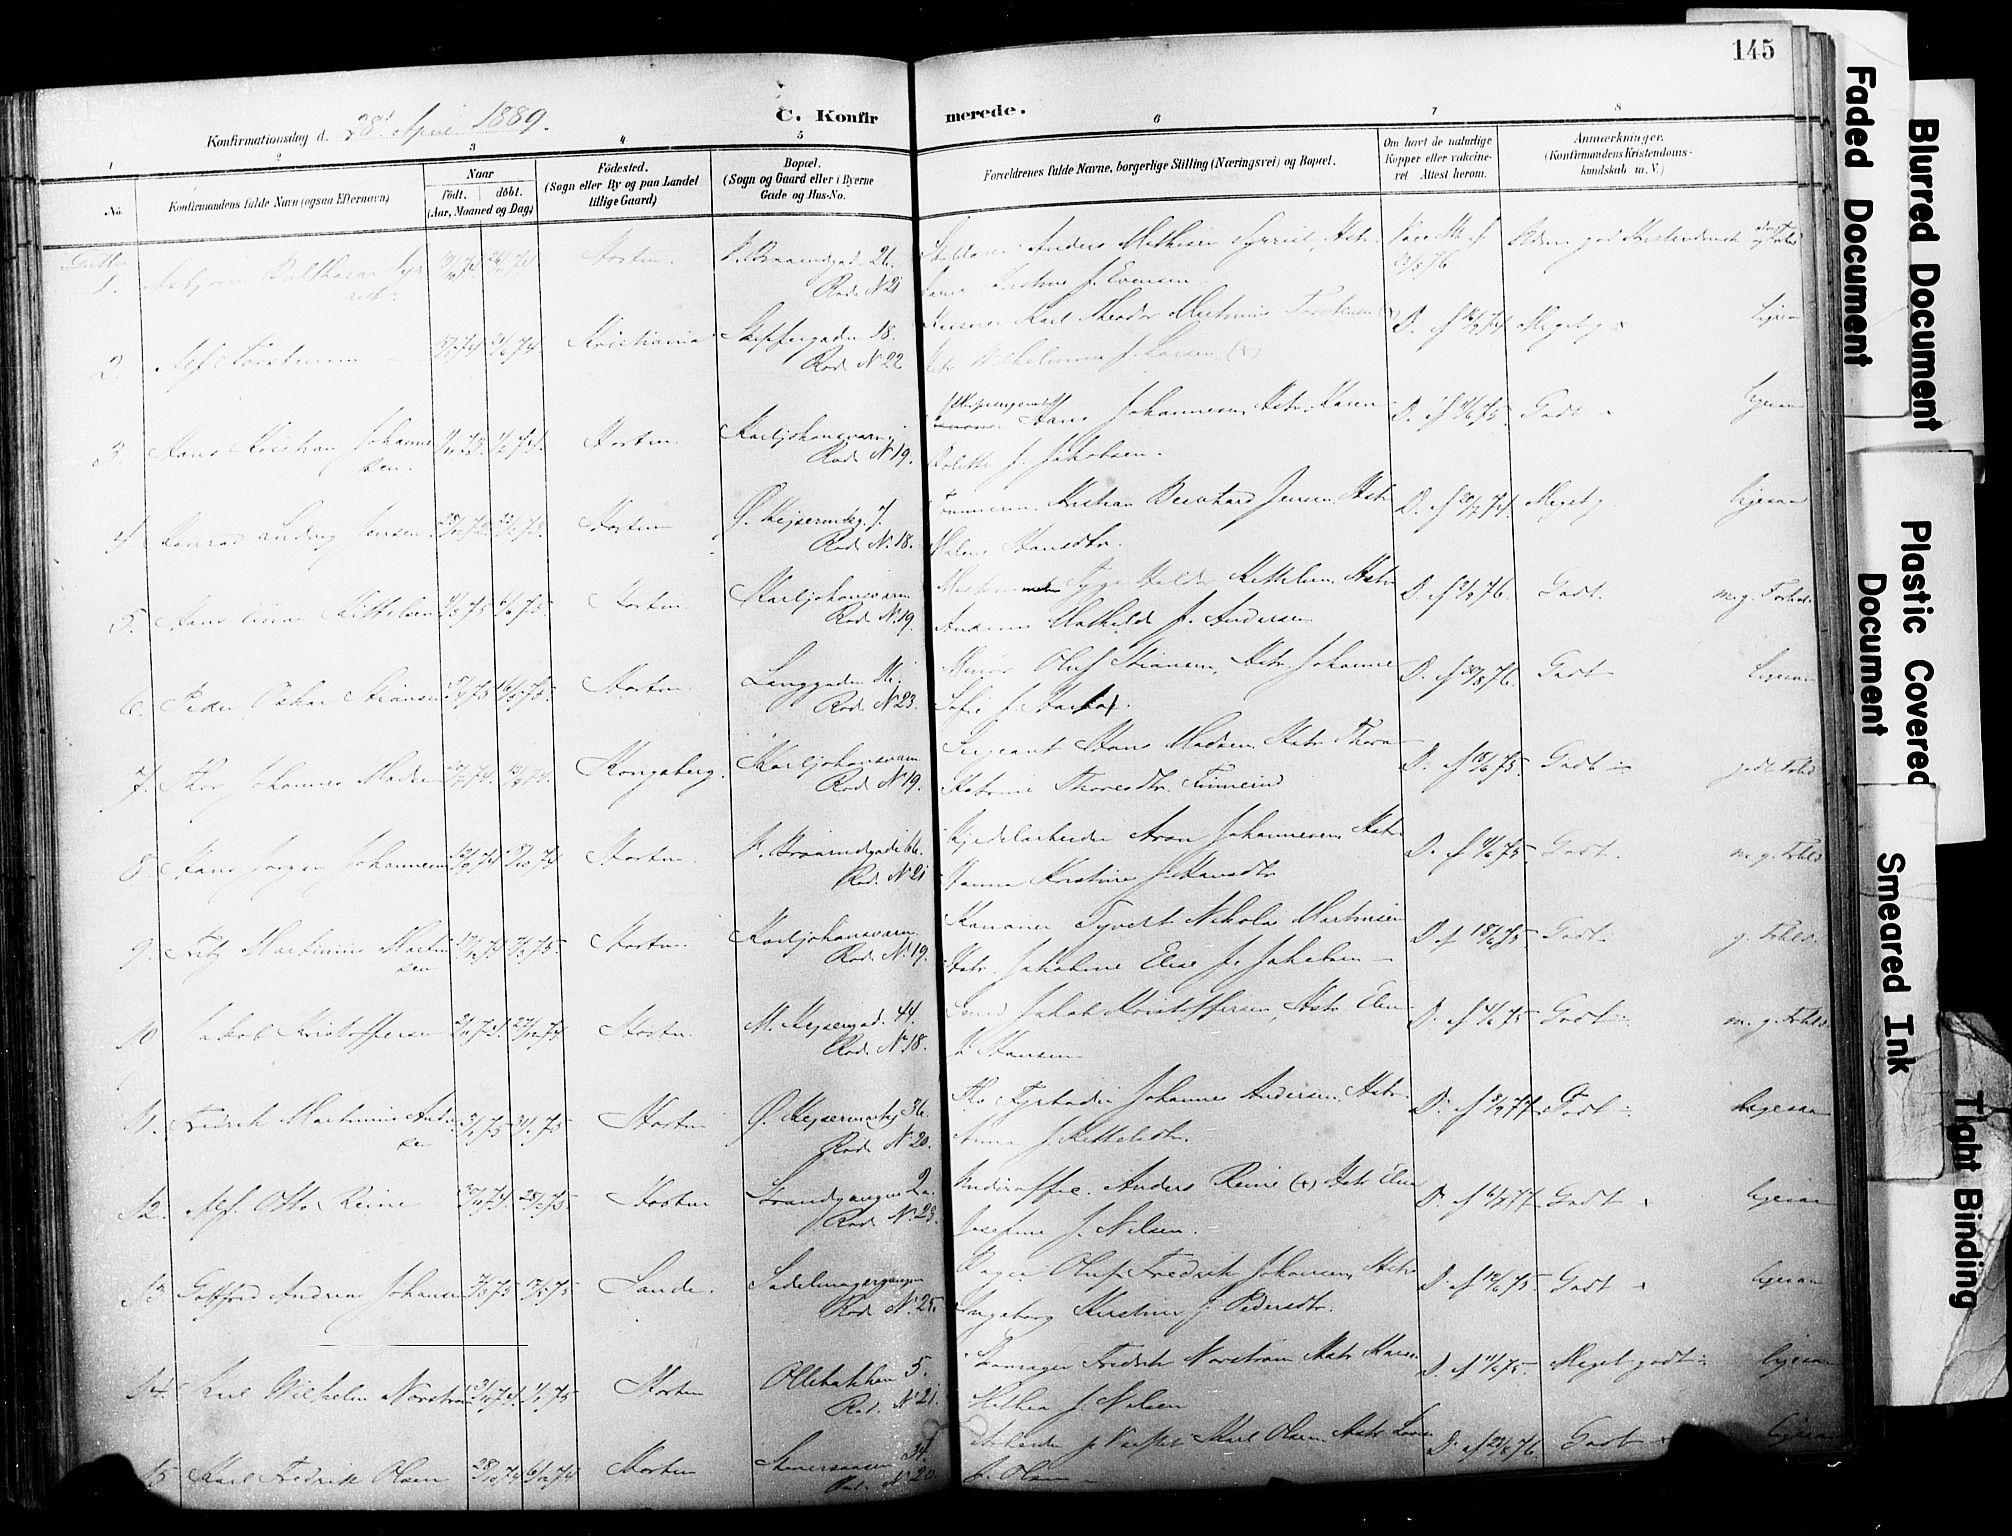 SAKO, Horten kirkebøker, F/Fa/L0004: Ministerialbok nr. 4, 1888-1895, s. 145